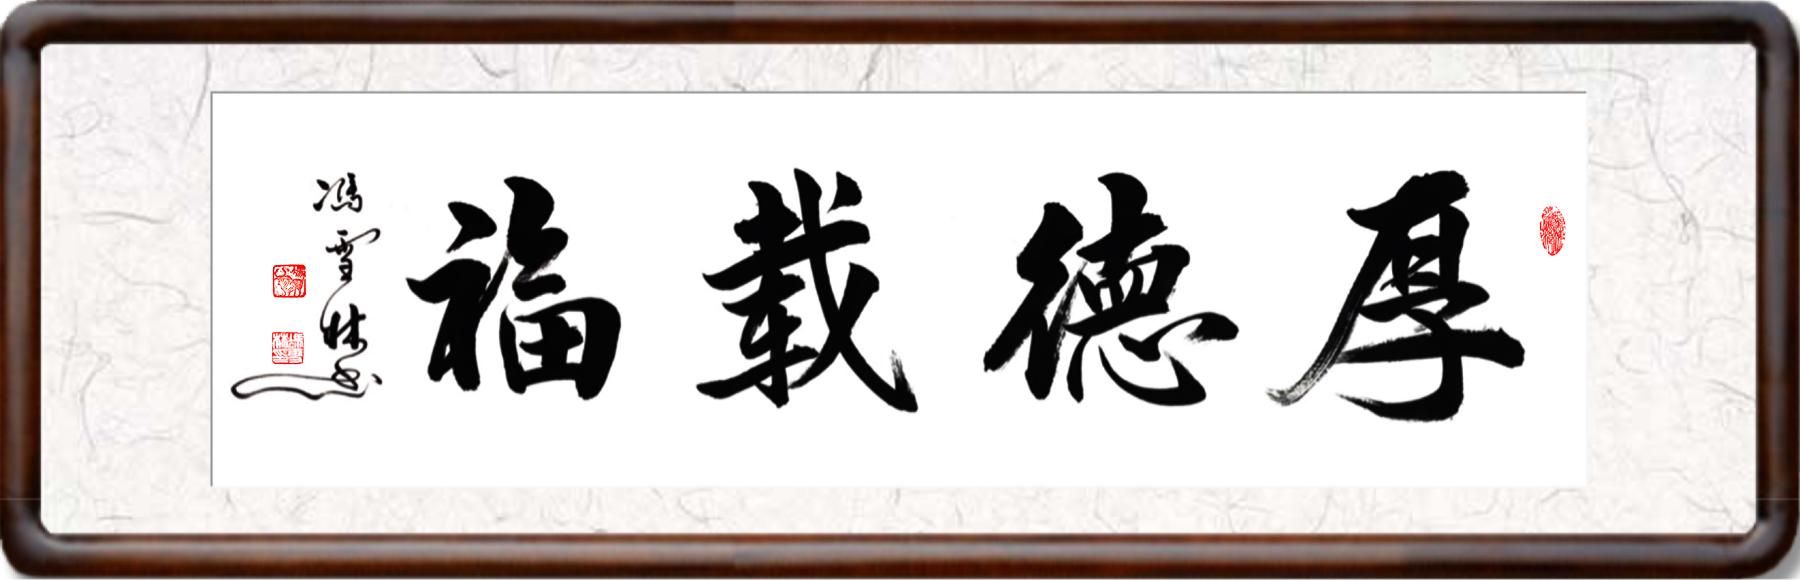 厚德载福书法作品欣赏